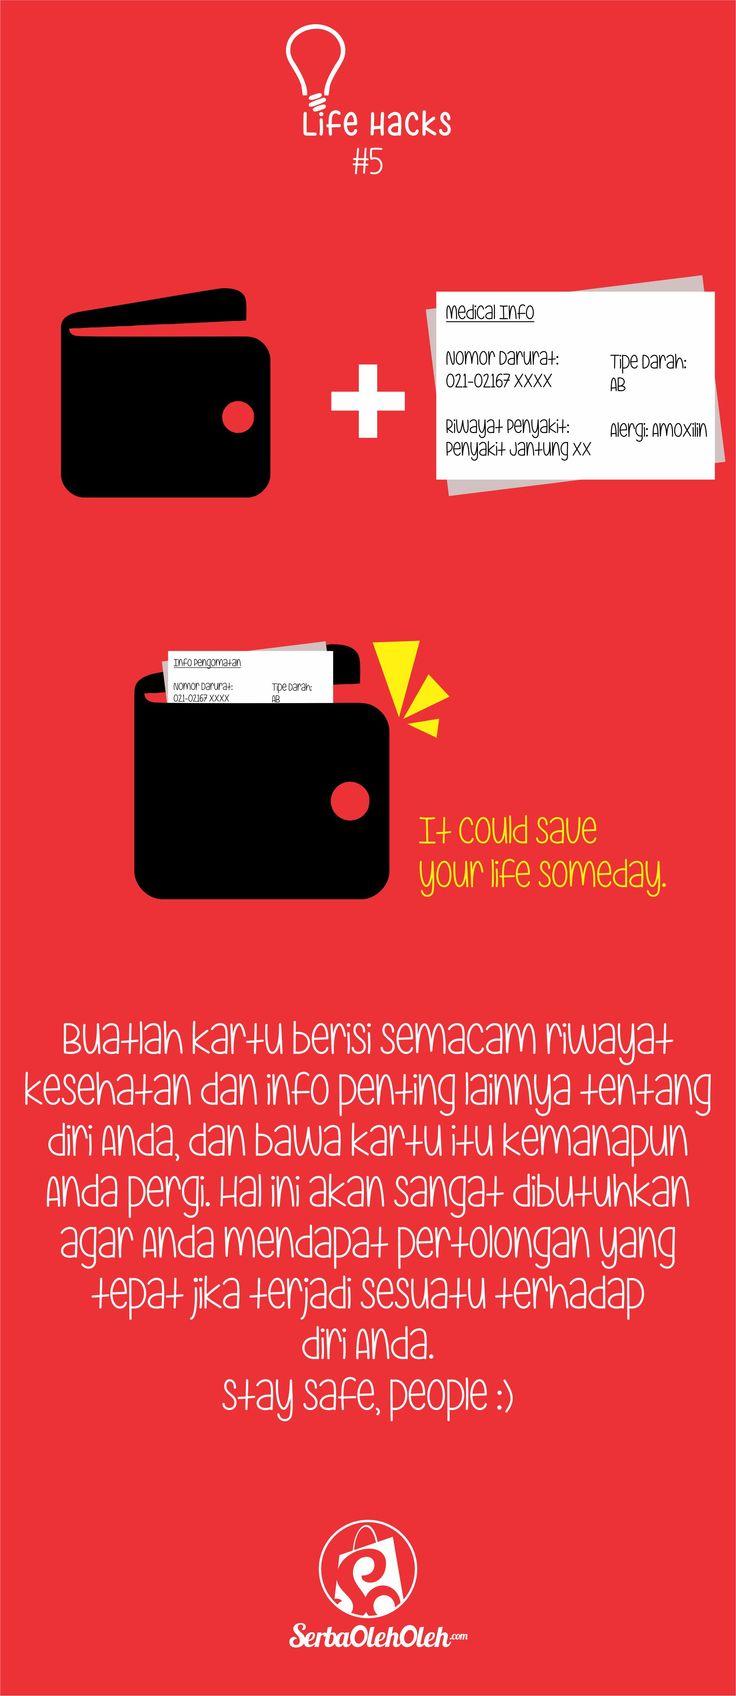 Selamat Pagi! Selamat hari Senin CERIAAA! Kali ini admin akan berbagi tips untuk keamanan pada diri kita.  Stay safe, people :)  Jangan lupa juga ya untuk kunjungi http://serbaoleholeh.com/ website jual beli oleh-oleh dan barang khas paling kece :) #lifehacks #infografis #infographic